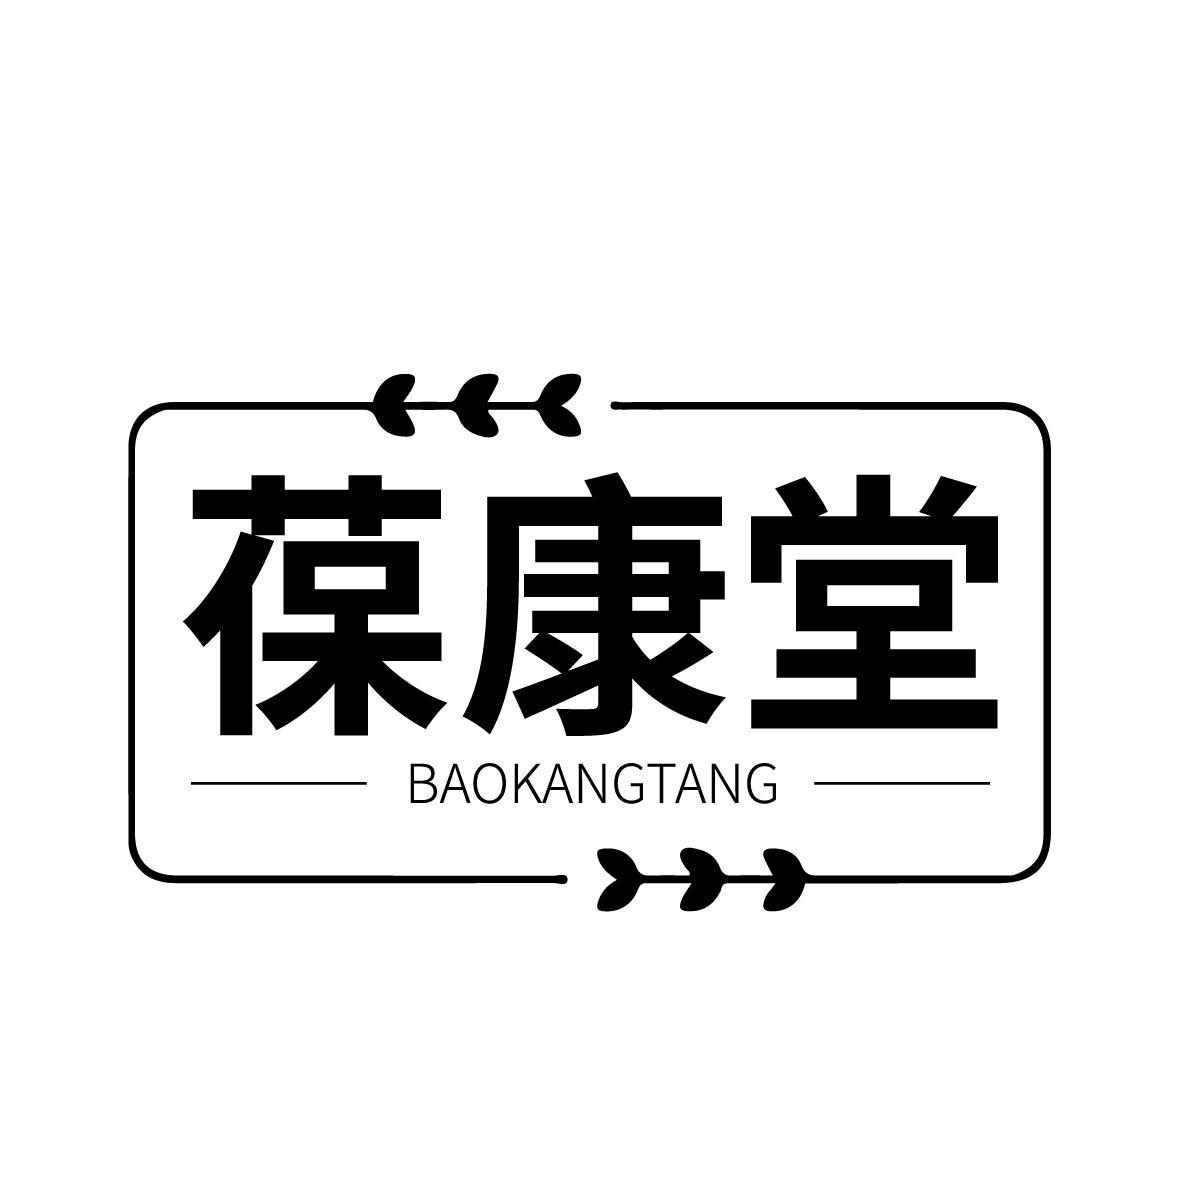 龙泉市商标转让-44类医疗美容-葆康堂